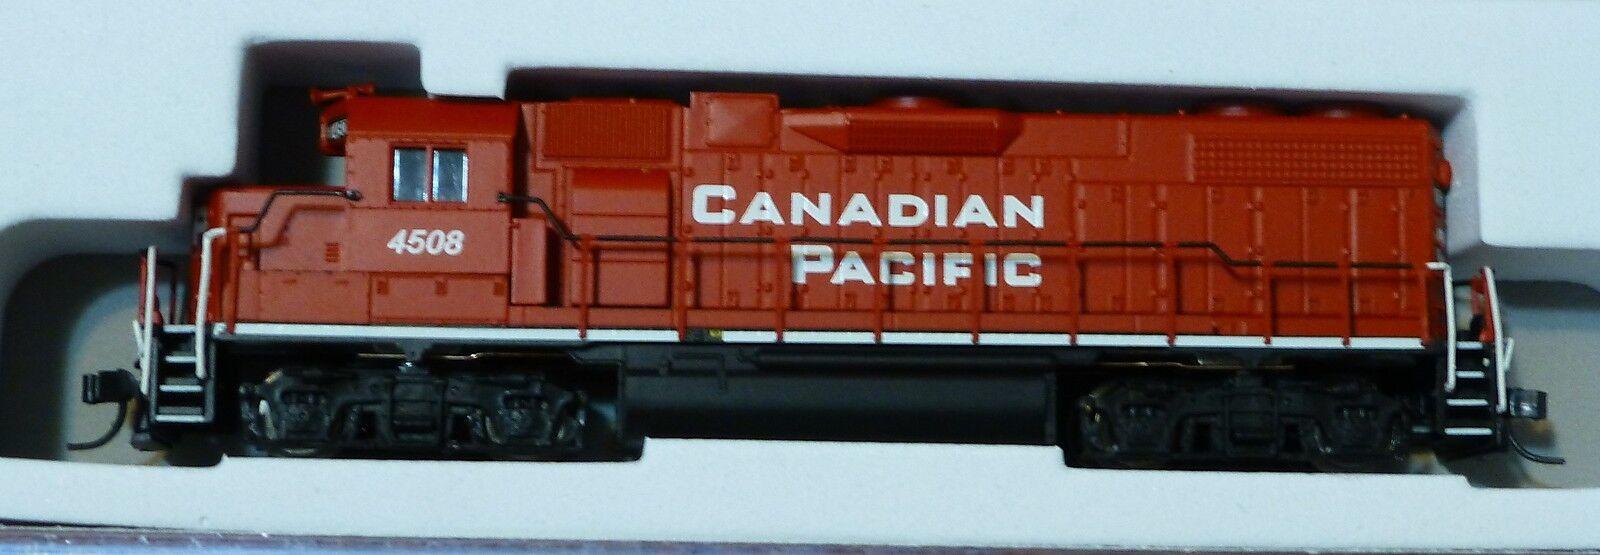 Atlas N   40000628 Emd Gp38-2 w dynamic Frenos-Canadian Pacific (DCC) GNO